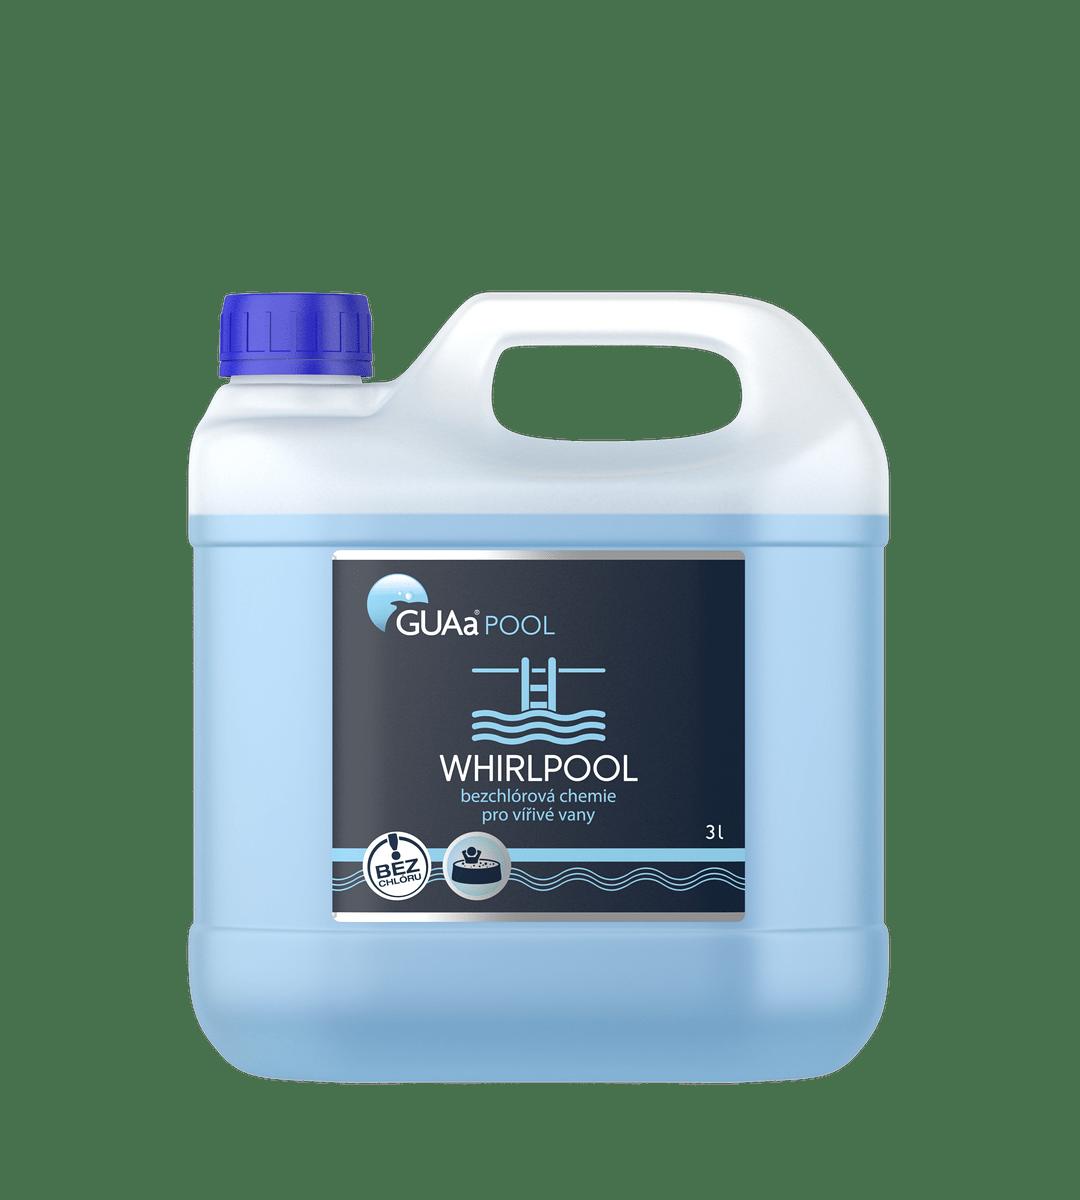 GUAa POOL WHIRLPOOL 3 l - bezchlórová chemie pro vířivé vany